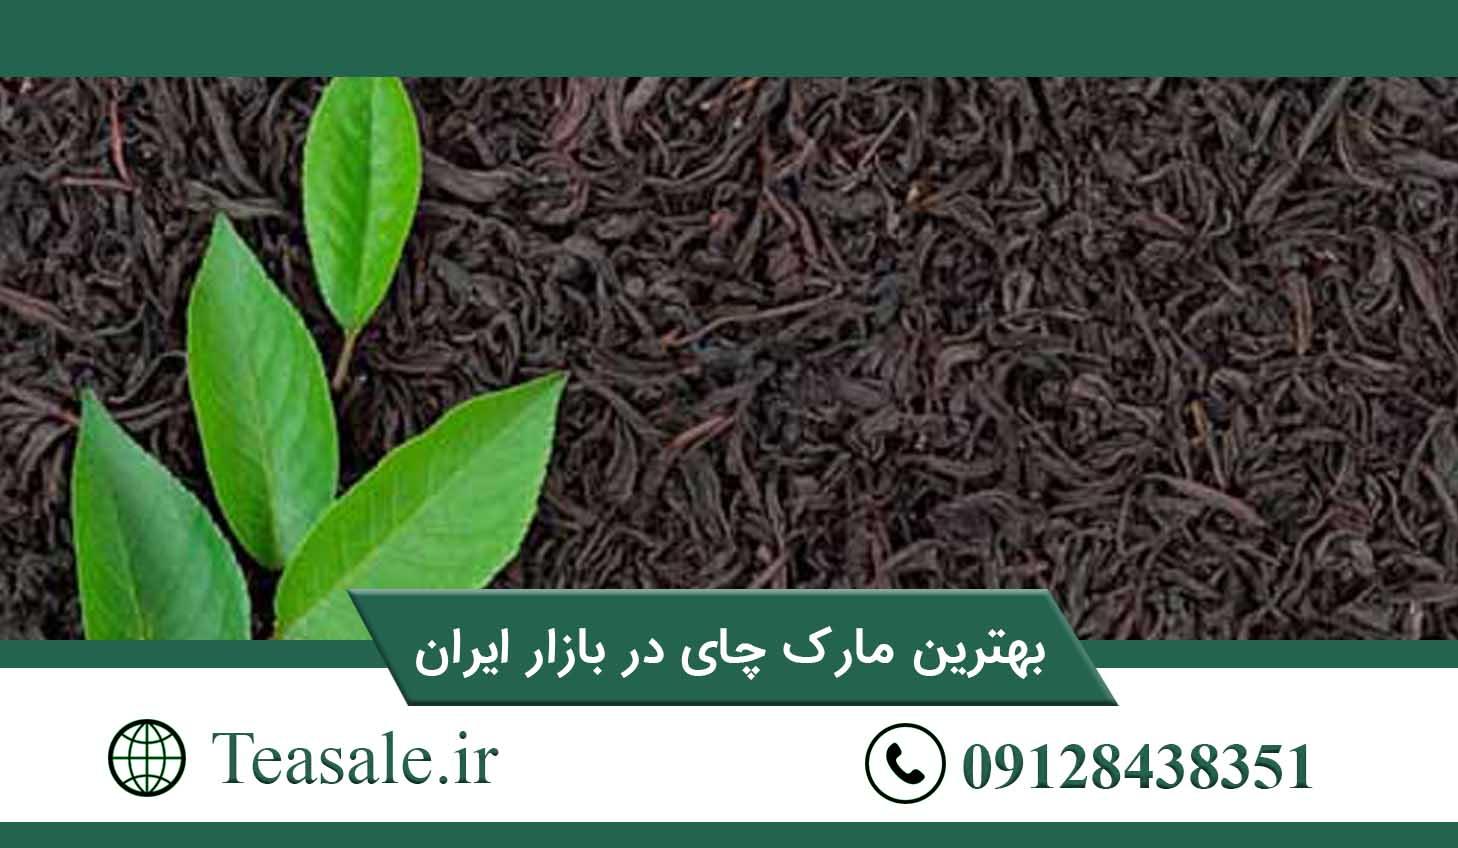 بهترین مارک چای در بازار ایران